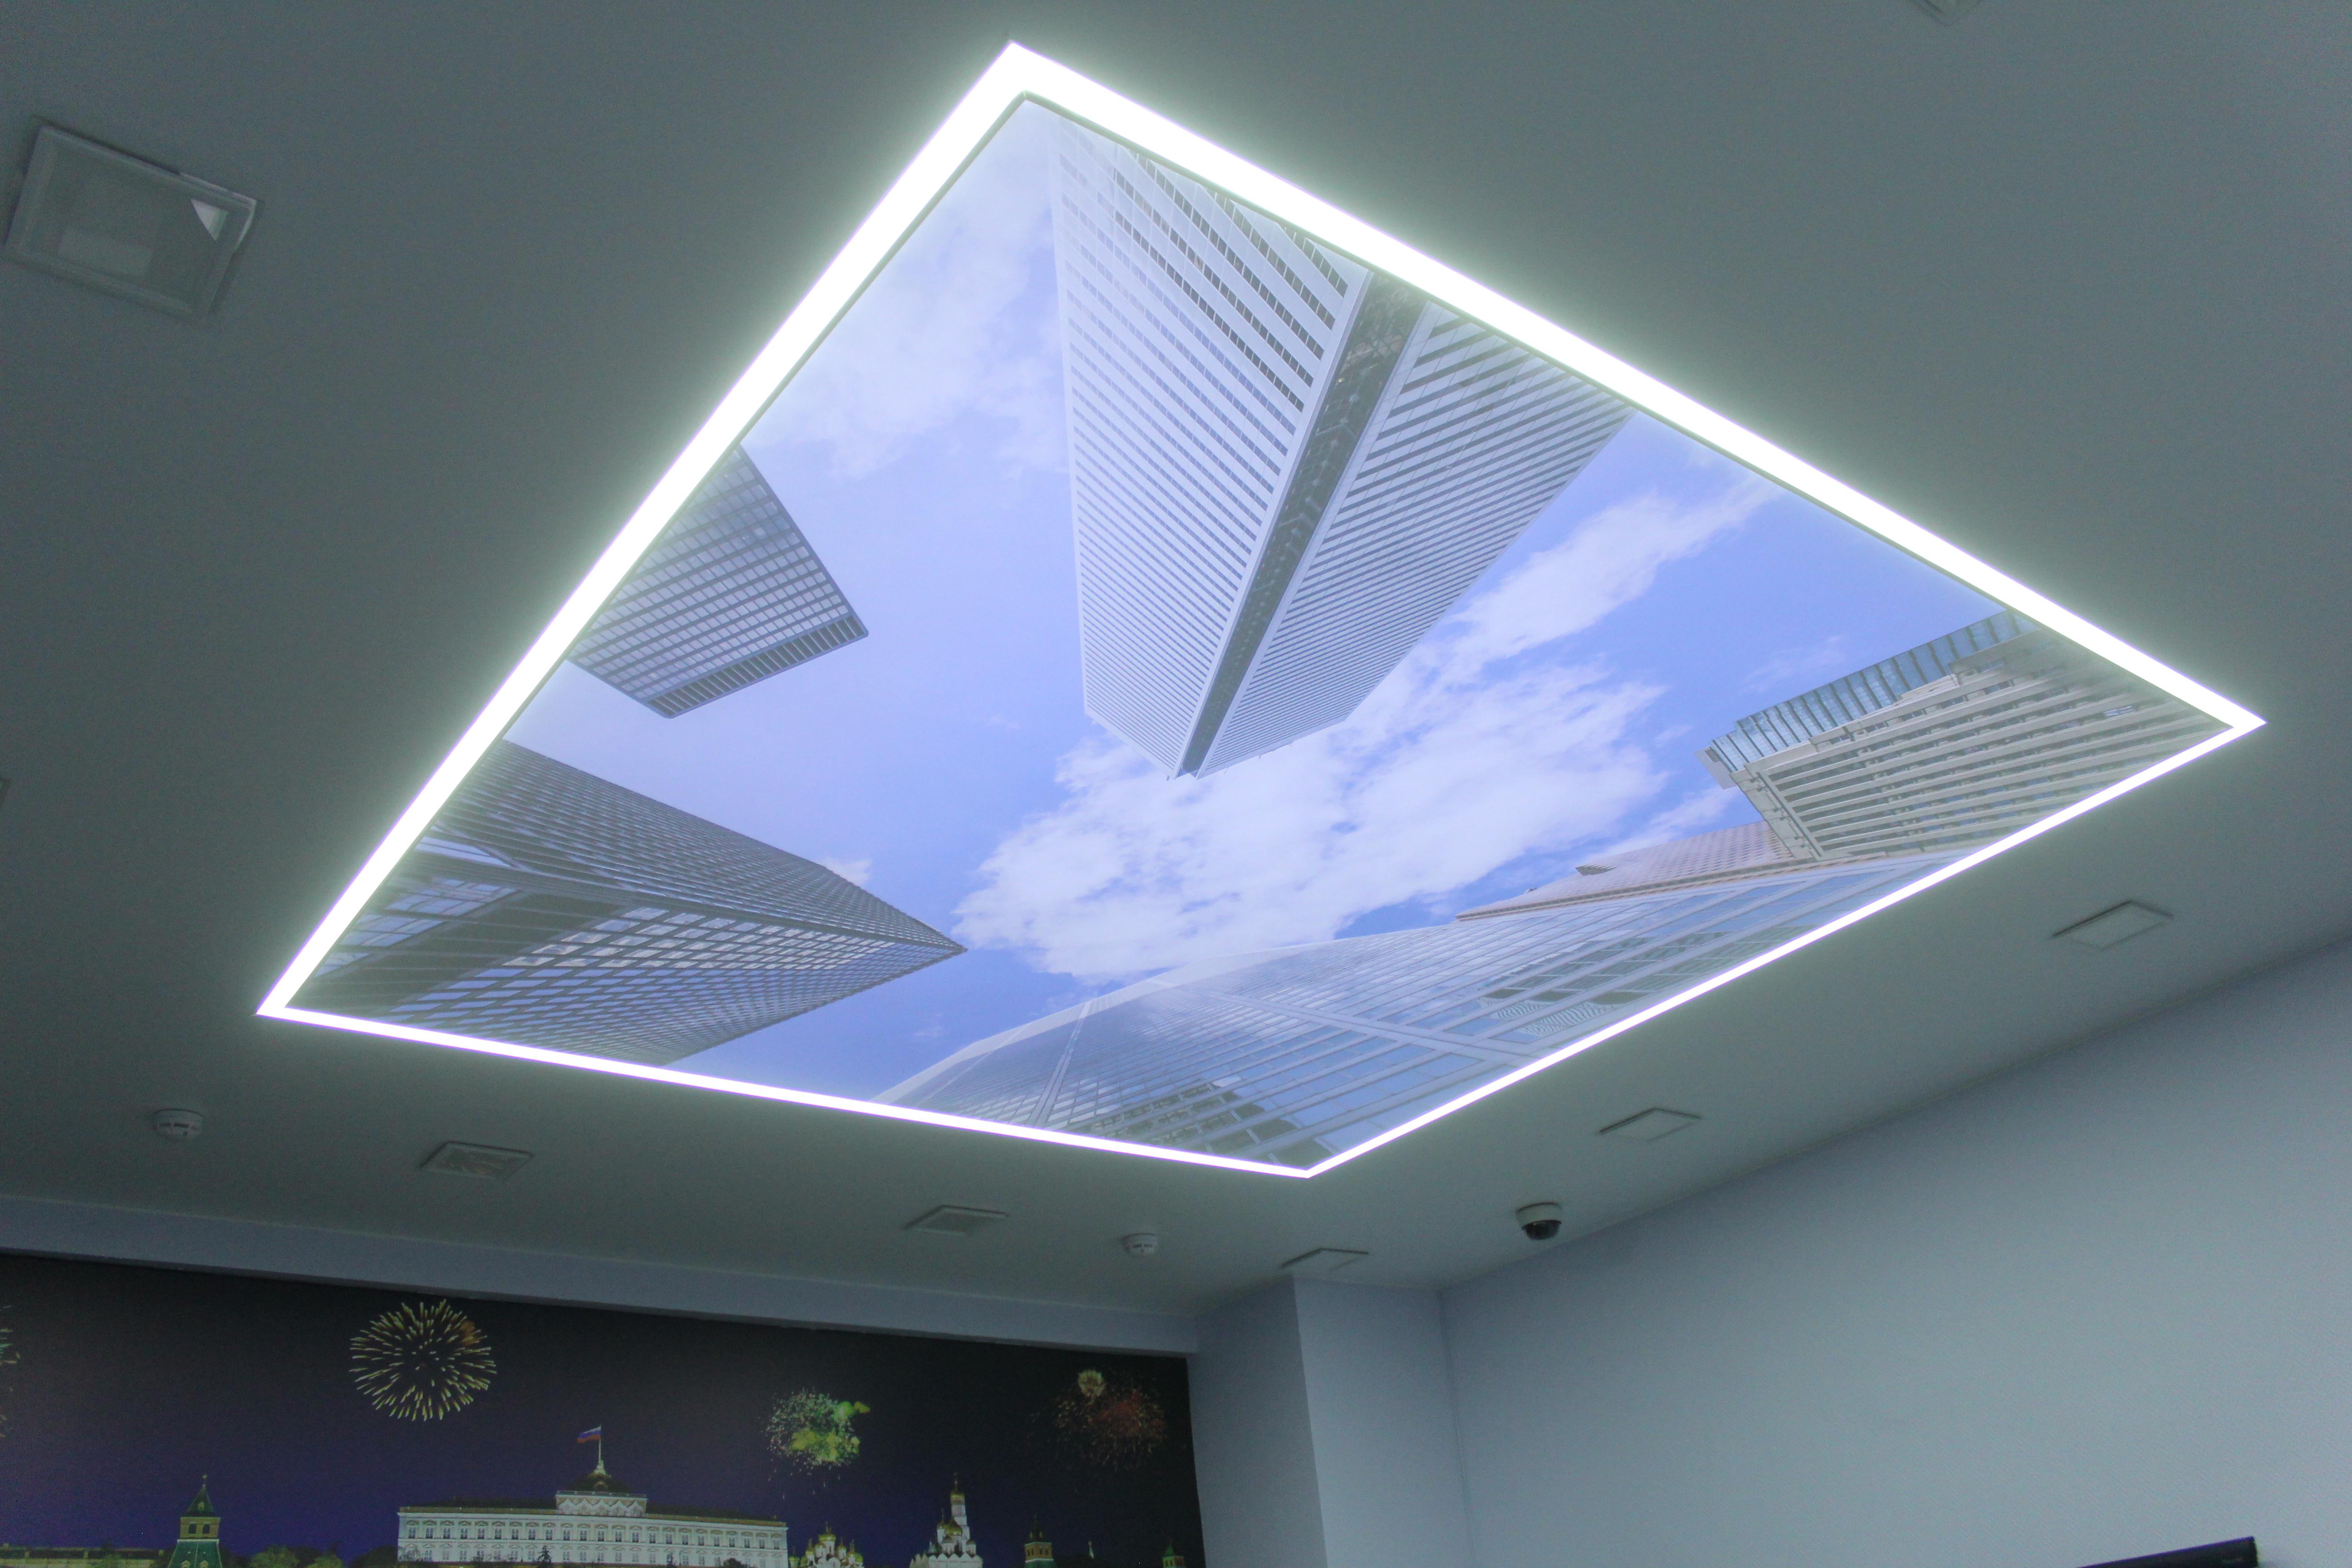 натяжной потолок полупрозрачный